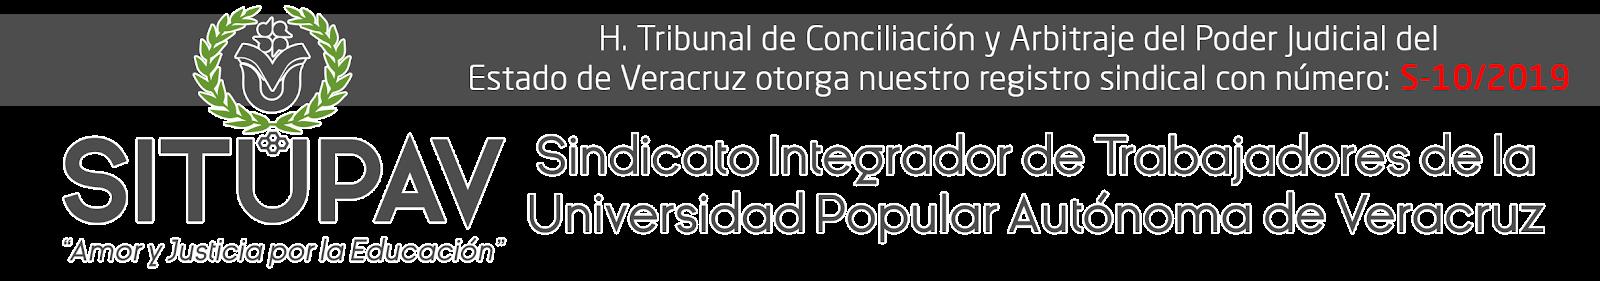 Sindicato Integrador de Trabajadores de la UPAV [SITUPAV]